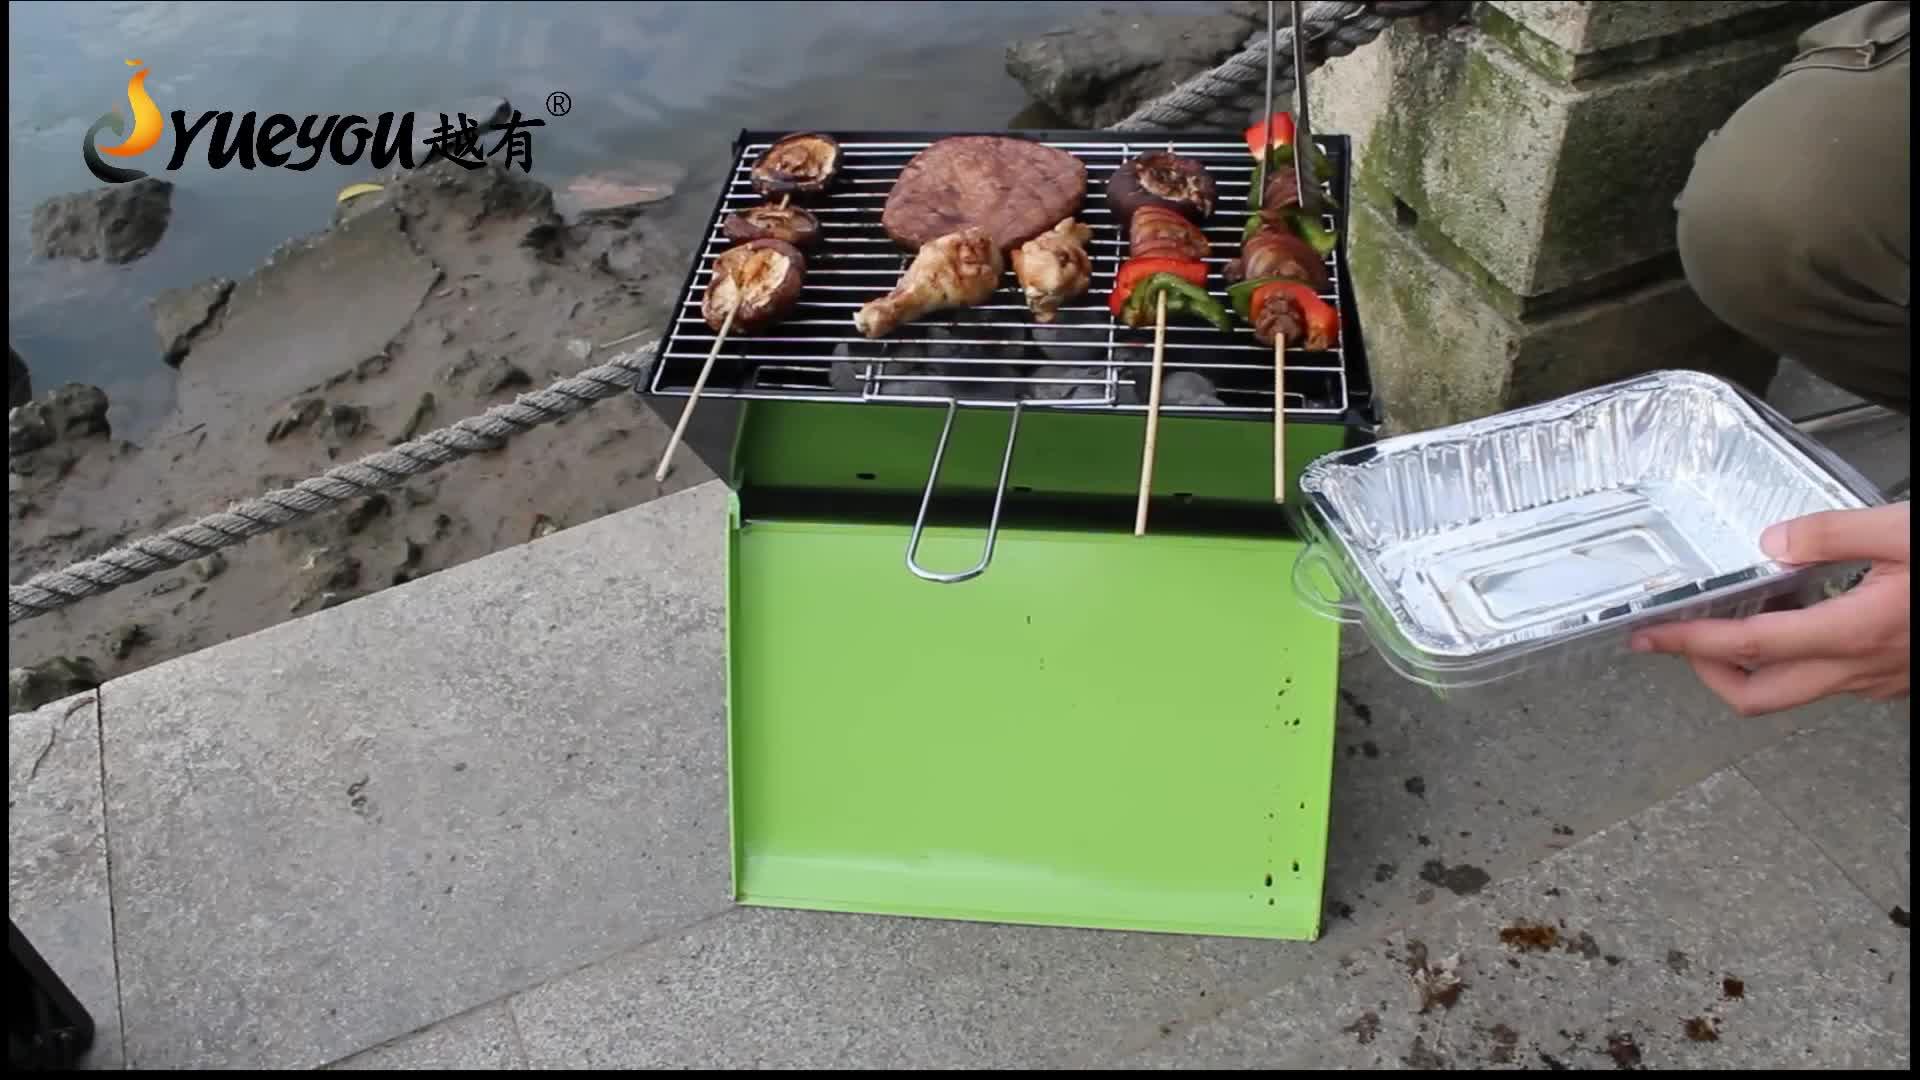 บาร์บีคิว bbq charcoal spit cypru rotisserie grill